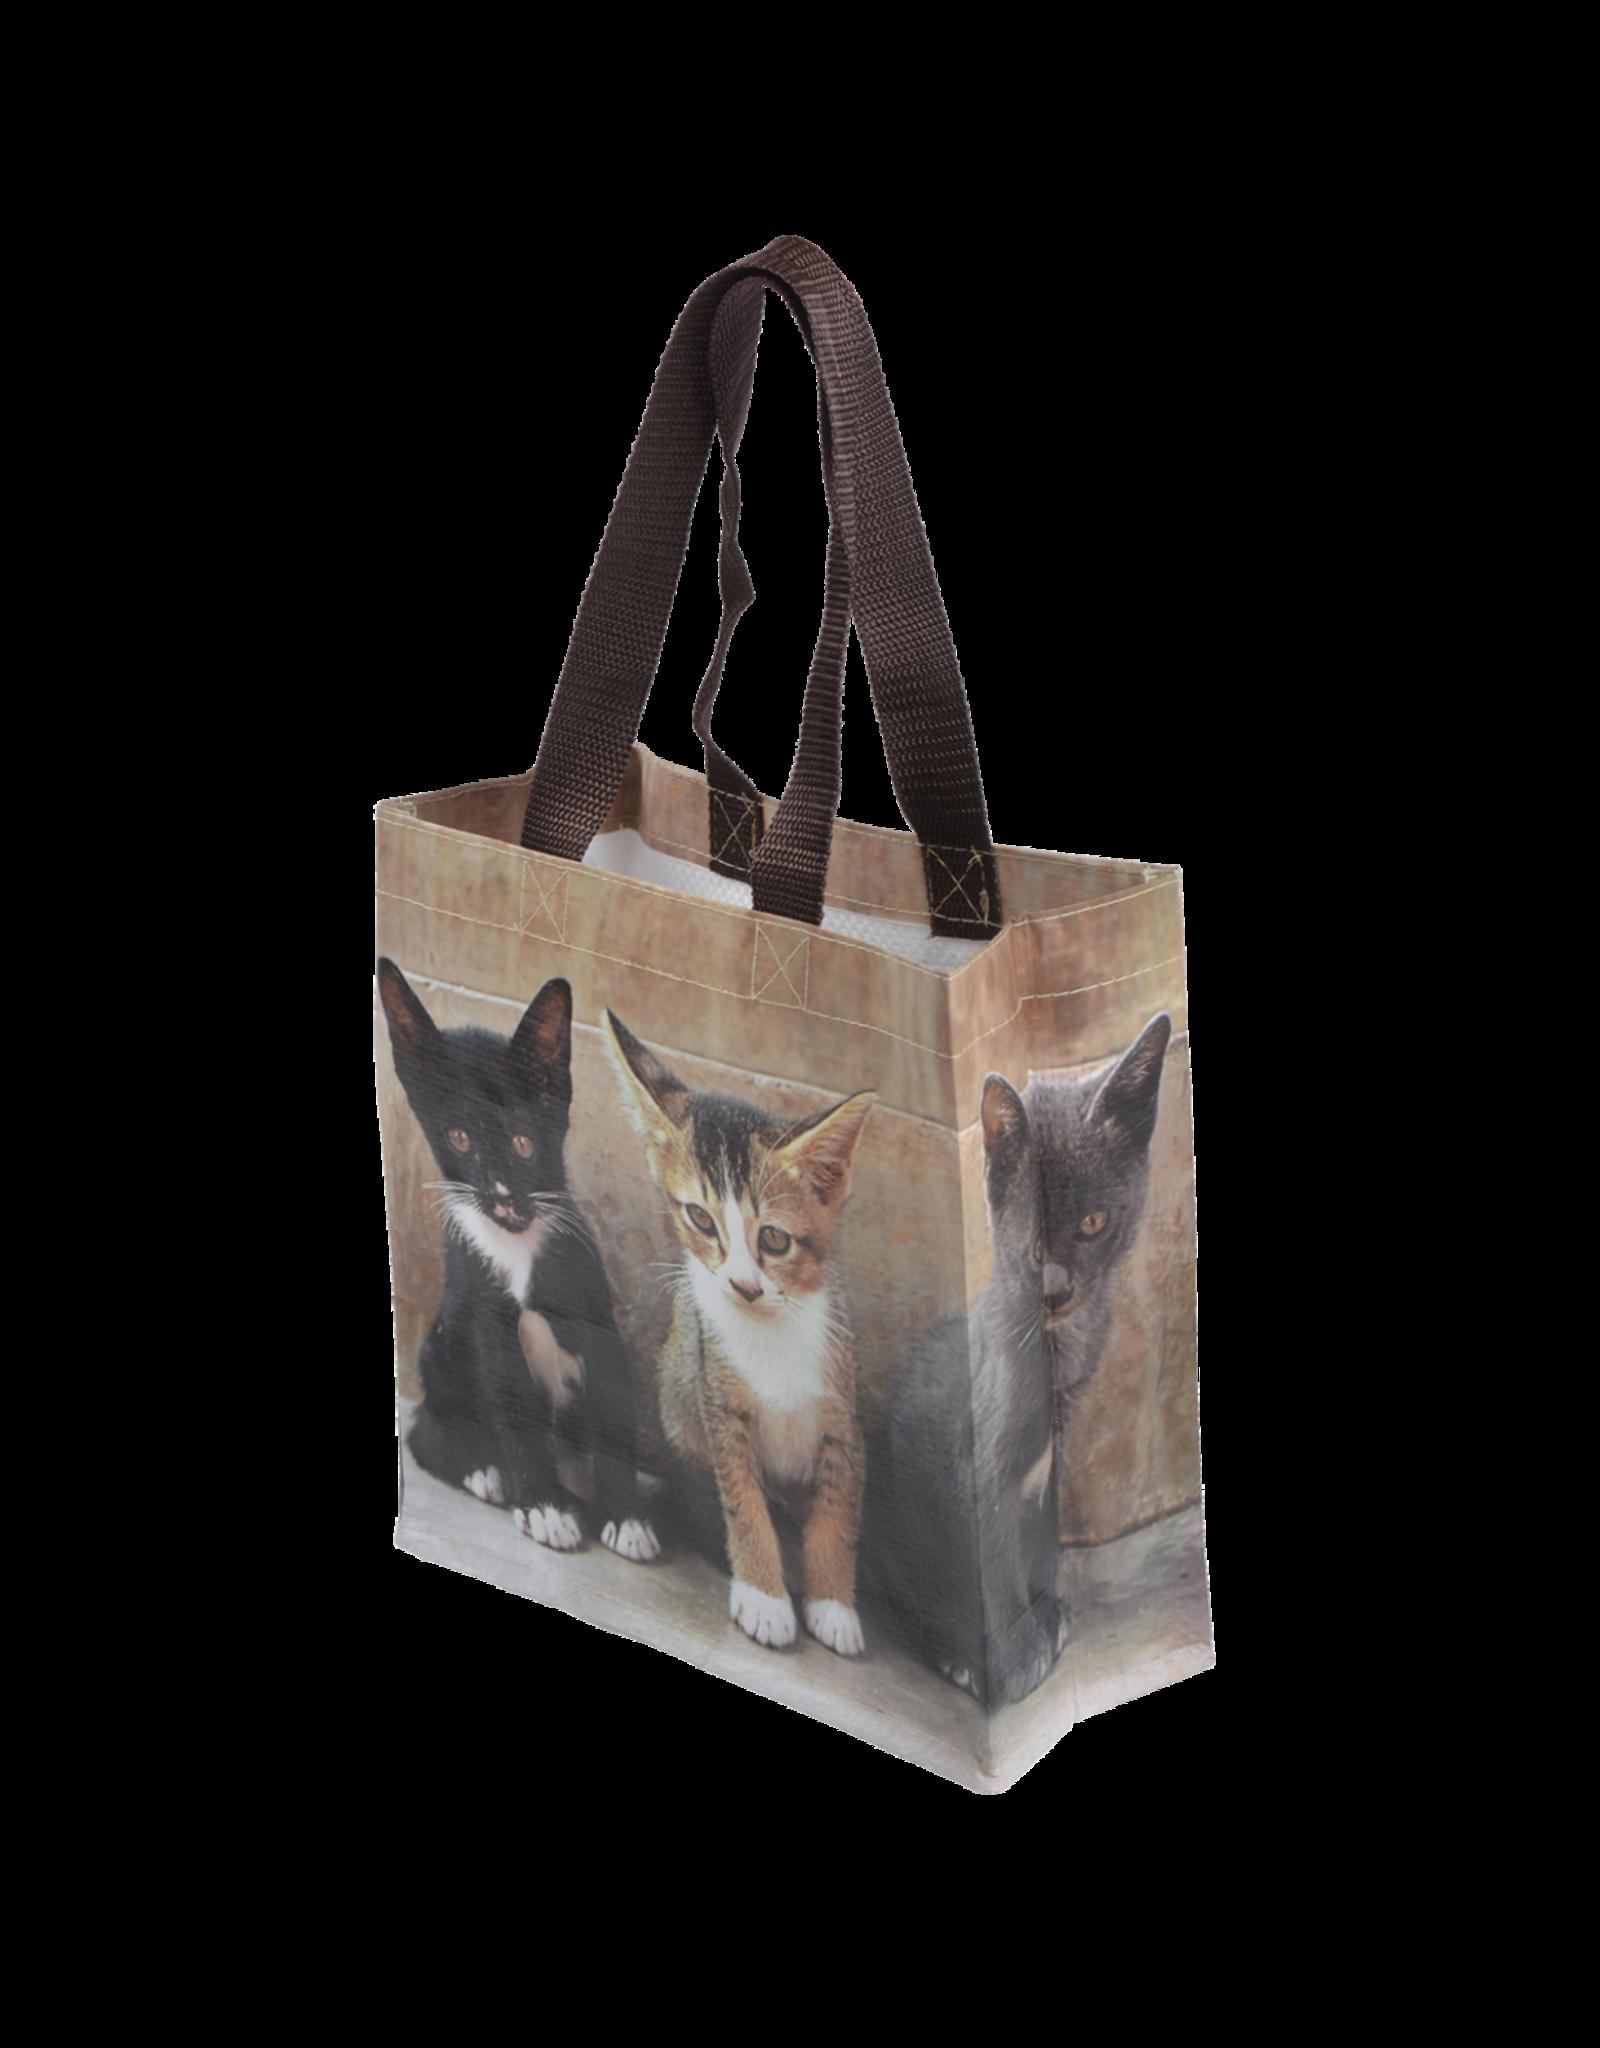 Esschert design Kinder boodschappen tas - katjes